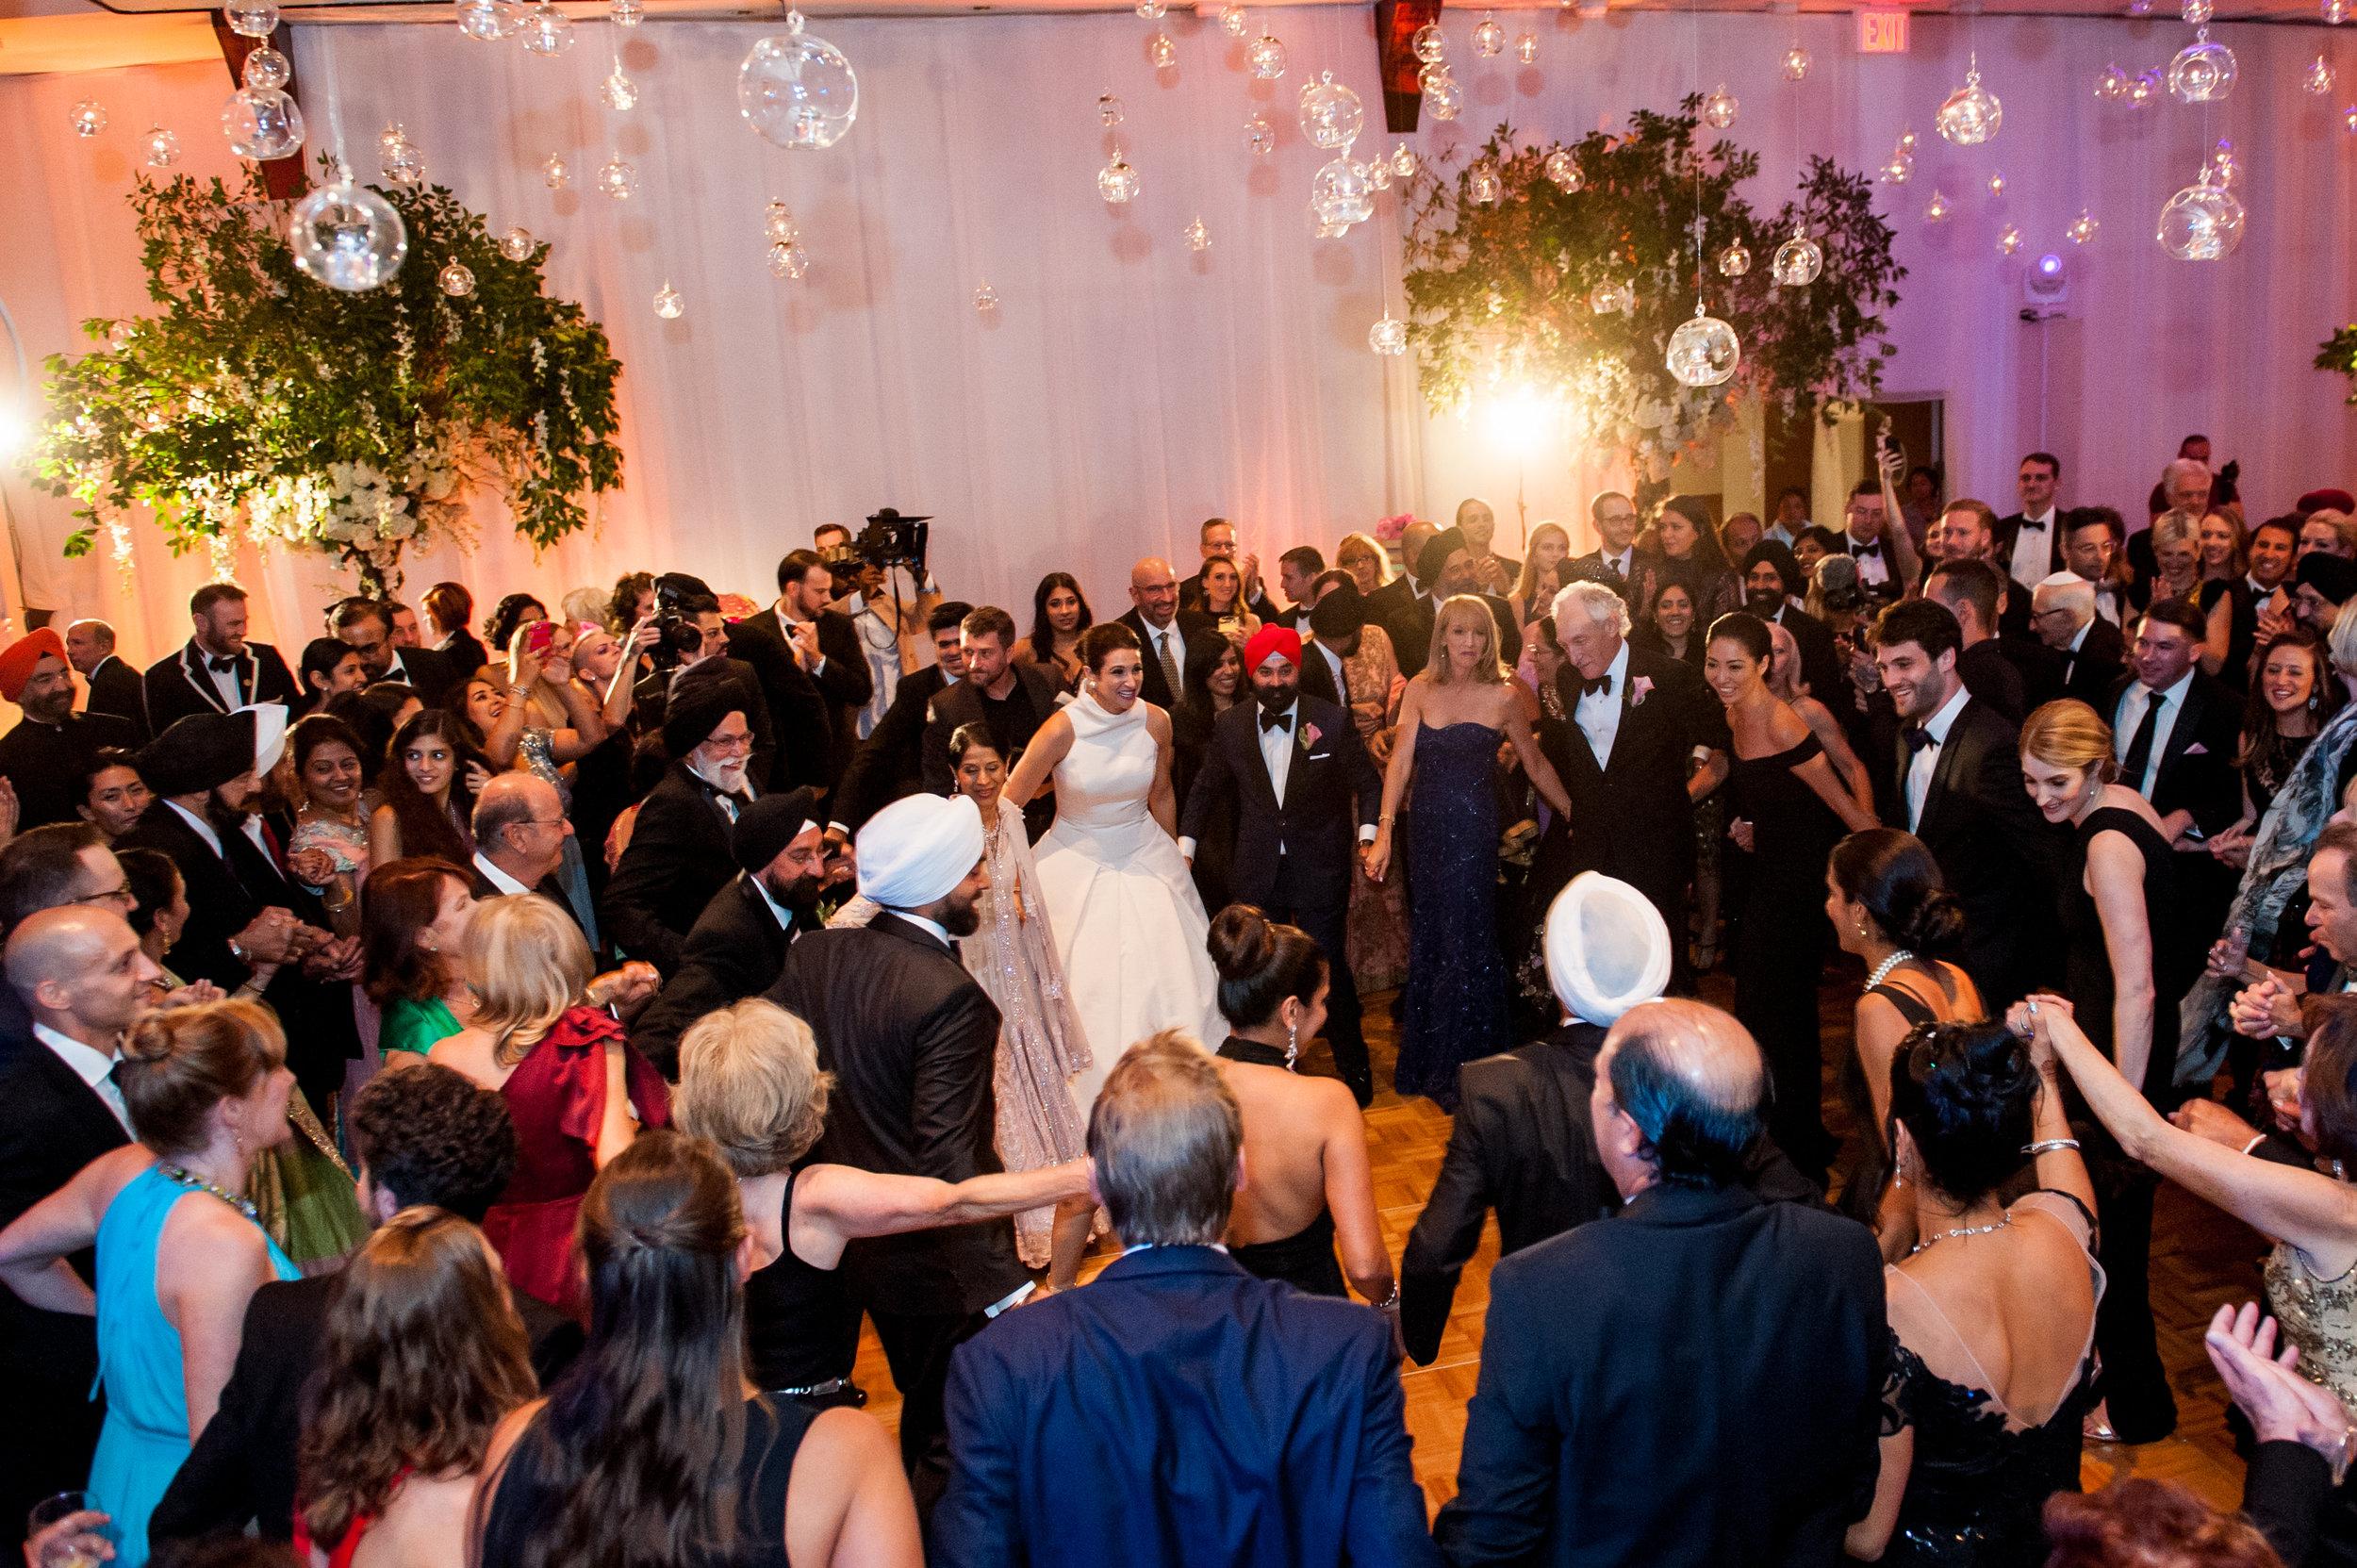 Wedding by Tara M. Events